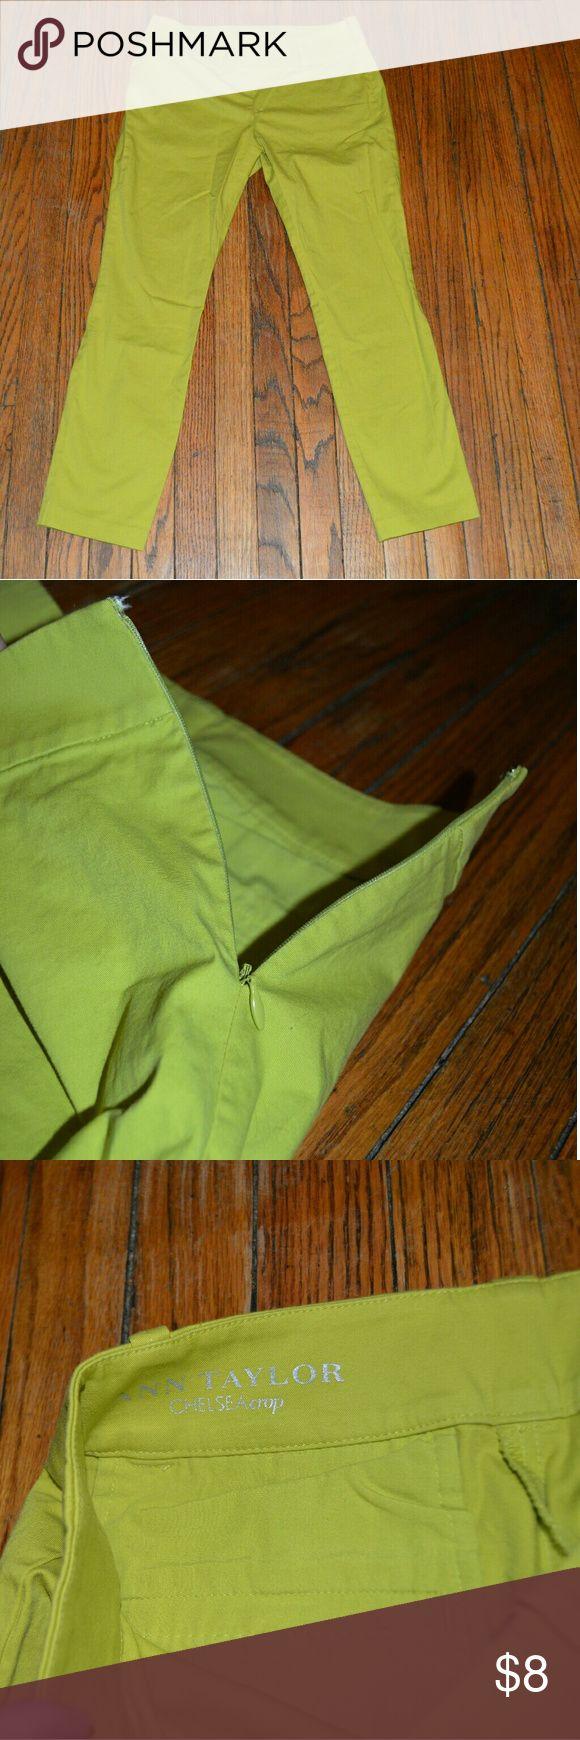 Ann Taylor Chelsea Crop lime green pants 0p Ann Taylor Size 0p Chelsea Crop Bright green Waist - 26 Inseam - 24 Ann Taylor Pants Ankle & Cropped